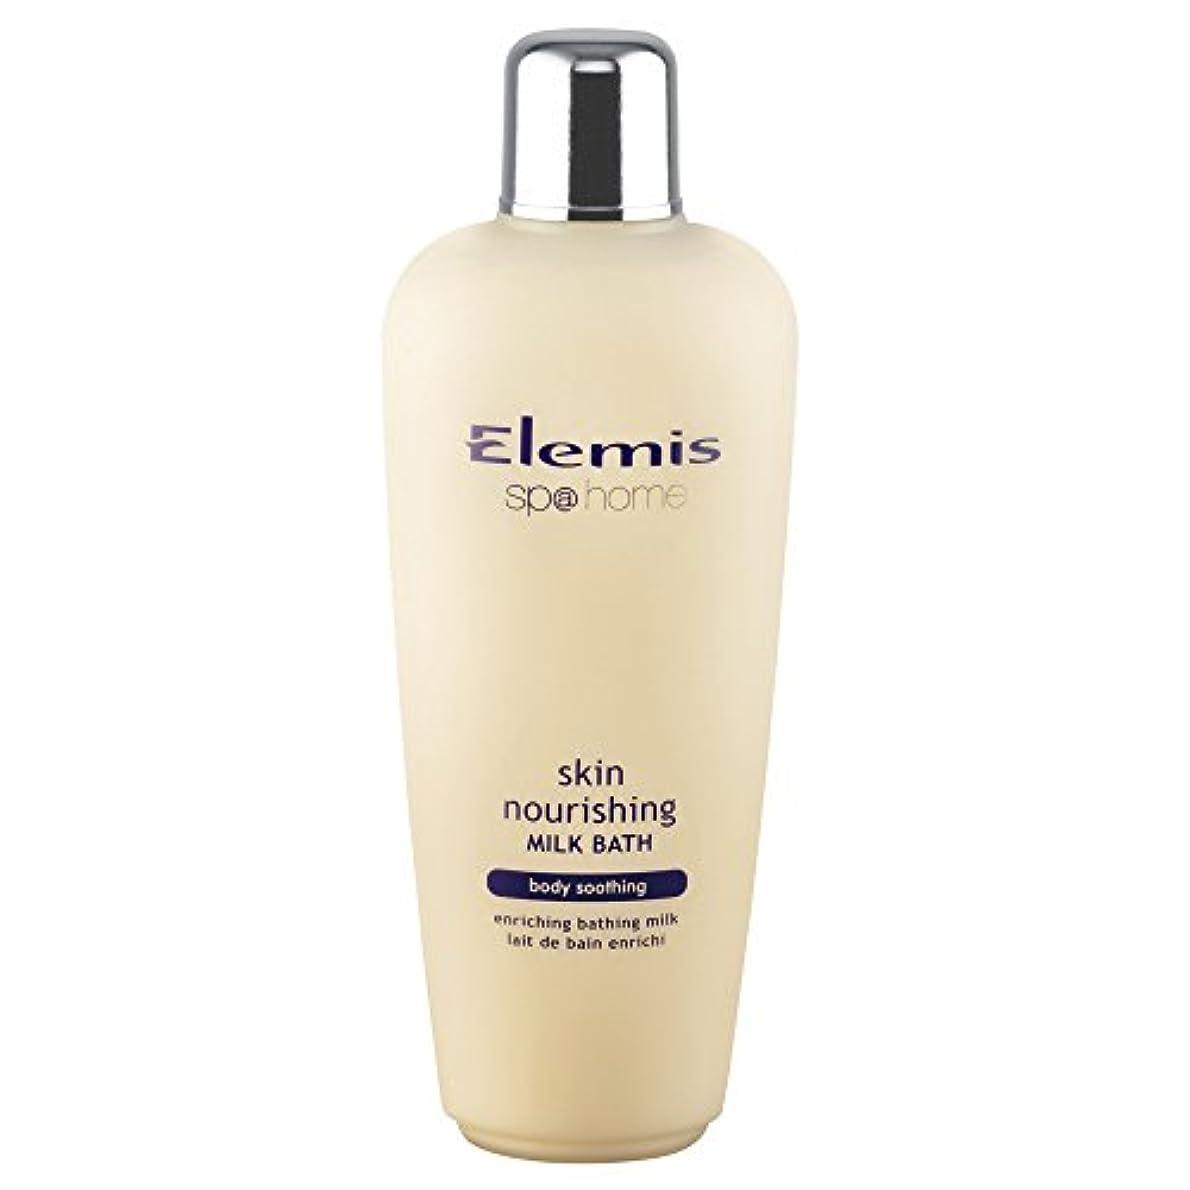 ジェームズダイソン談話パイロットエレミススキン栄養ミルクバスの400ミリリットル (Elemis) - Elemis Skin Nourishing Milk Bath 400ml [並行輸入品]